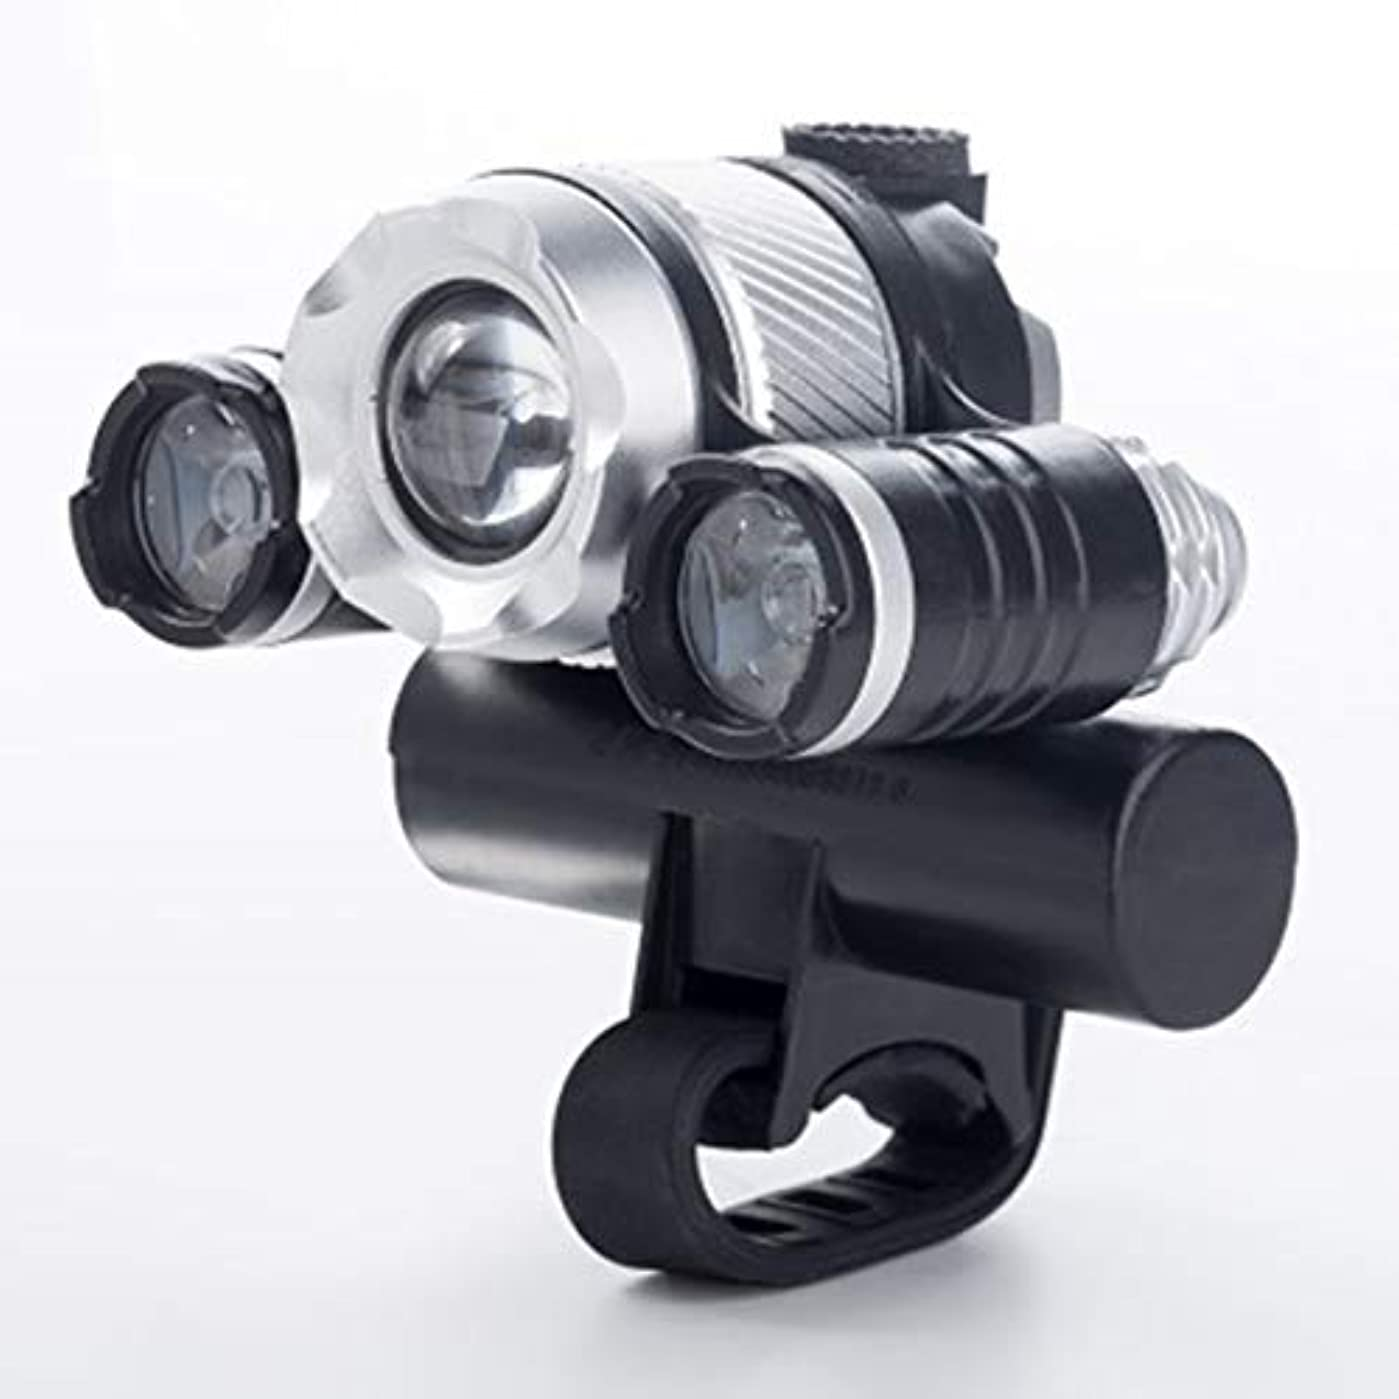 失礼改修母音Kongqiabona T6 LEDサイクリングランプUSB充電式自転車フロントライト自転車ヘッドライトバイシクルハンドルバーランプバイクパーツ